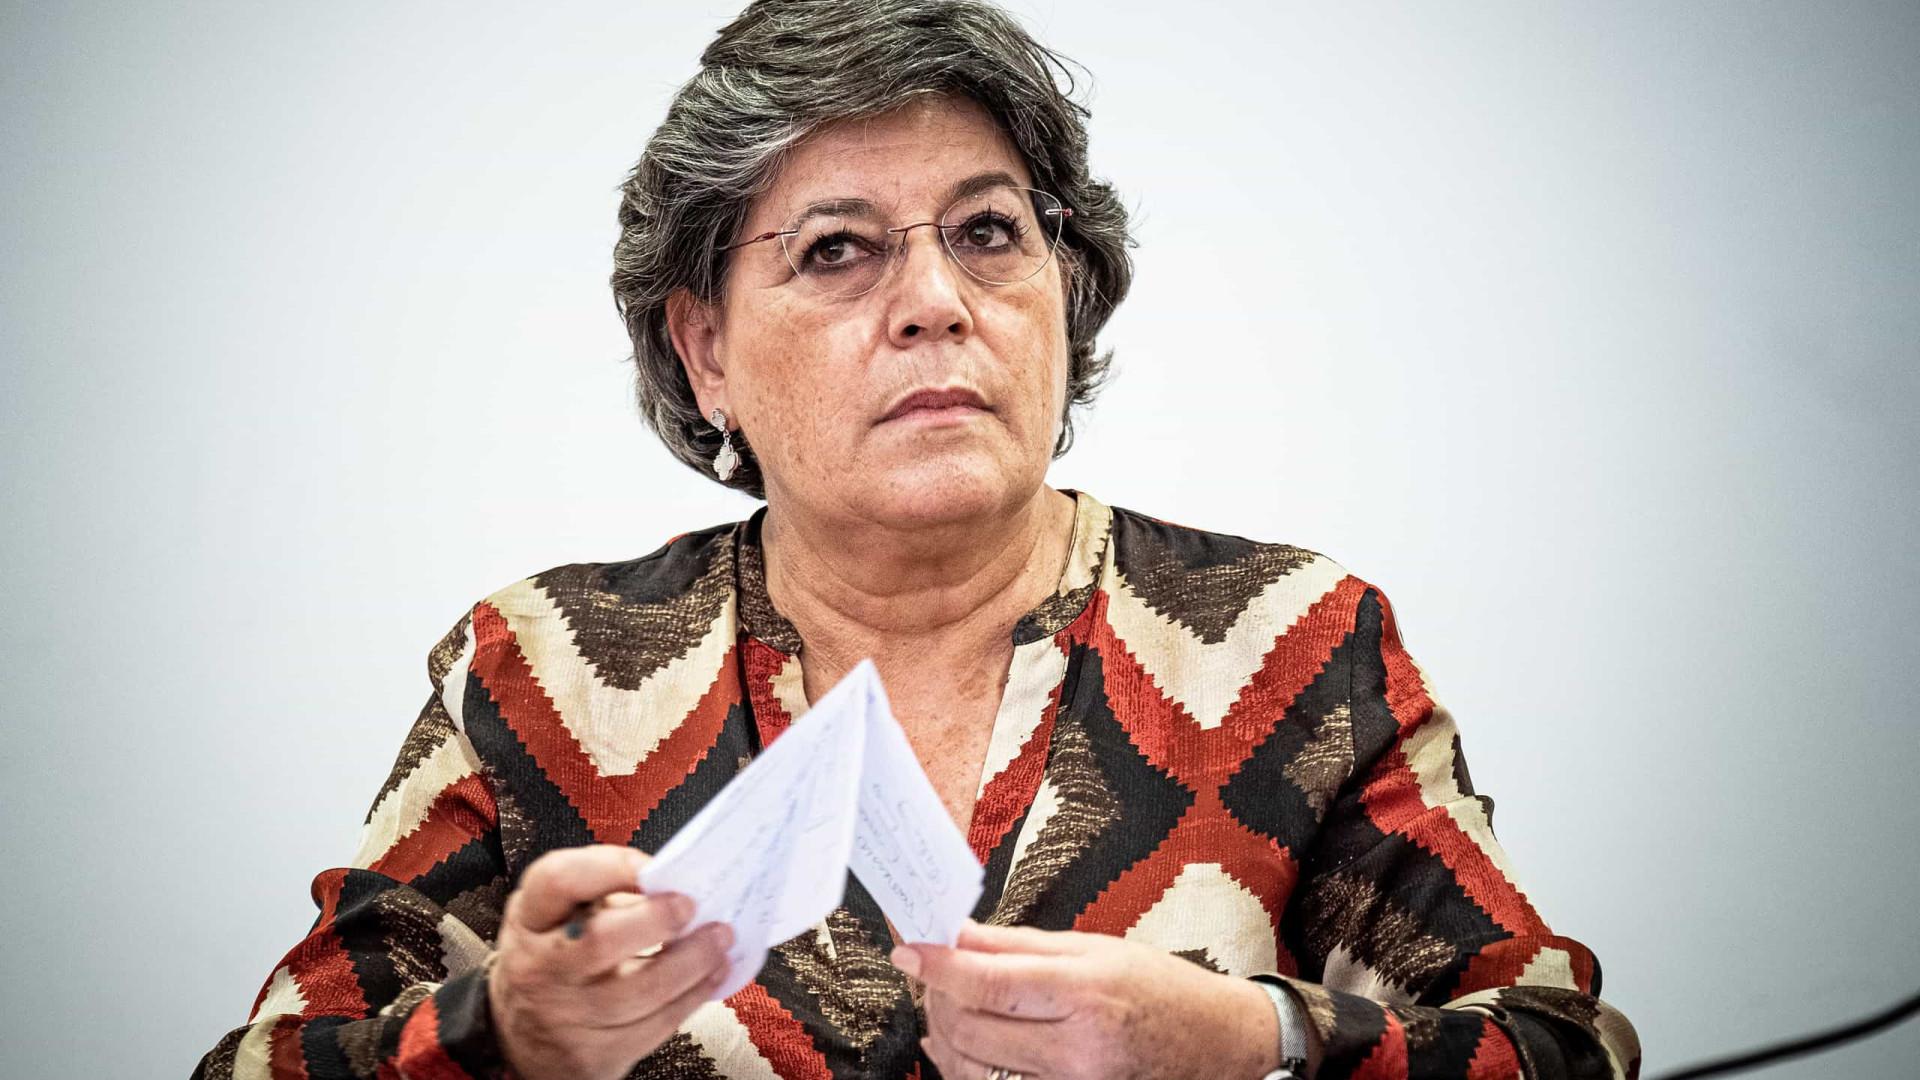 Corrupção: Ana Gomes diz que Portugal é insensível com denunciantes